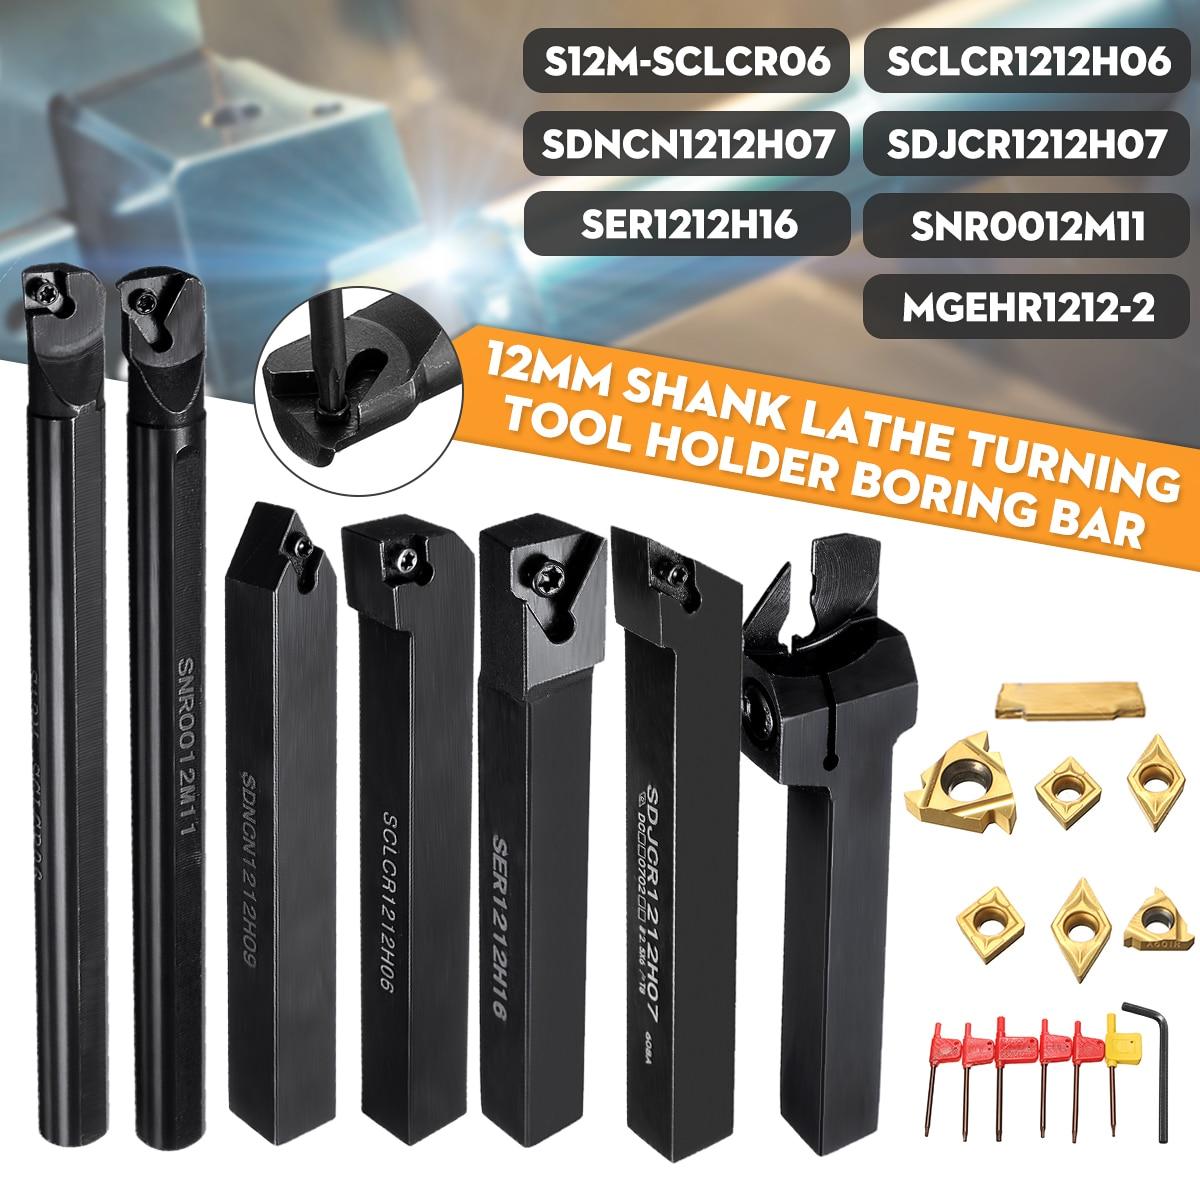 21 pièces/ensemble 12mm tige tour tournant outil support barre d'alésage + Insert + clé S12M-SCLCR06/SER1212H16/SCL1212H06